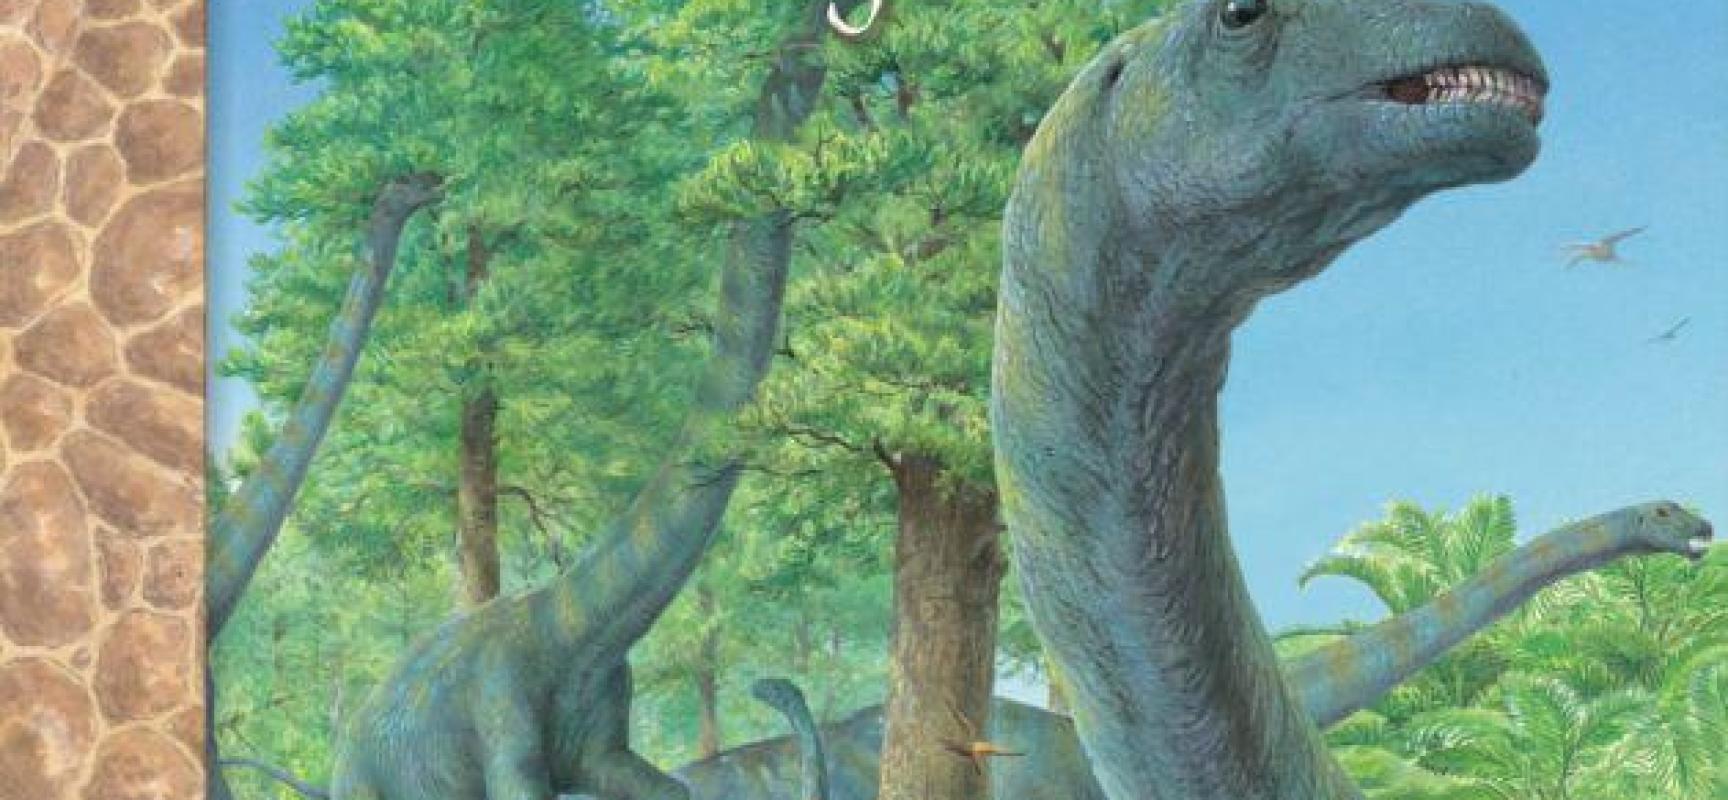 Dinozorun, İlk İnsanın, Taşıtların, Maya Şehrinin, Bir Depremin ve daha birkaç şeyin Öyküsü ve Küçük Vak Vak